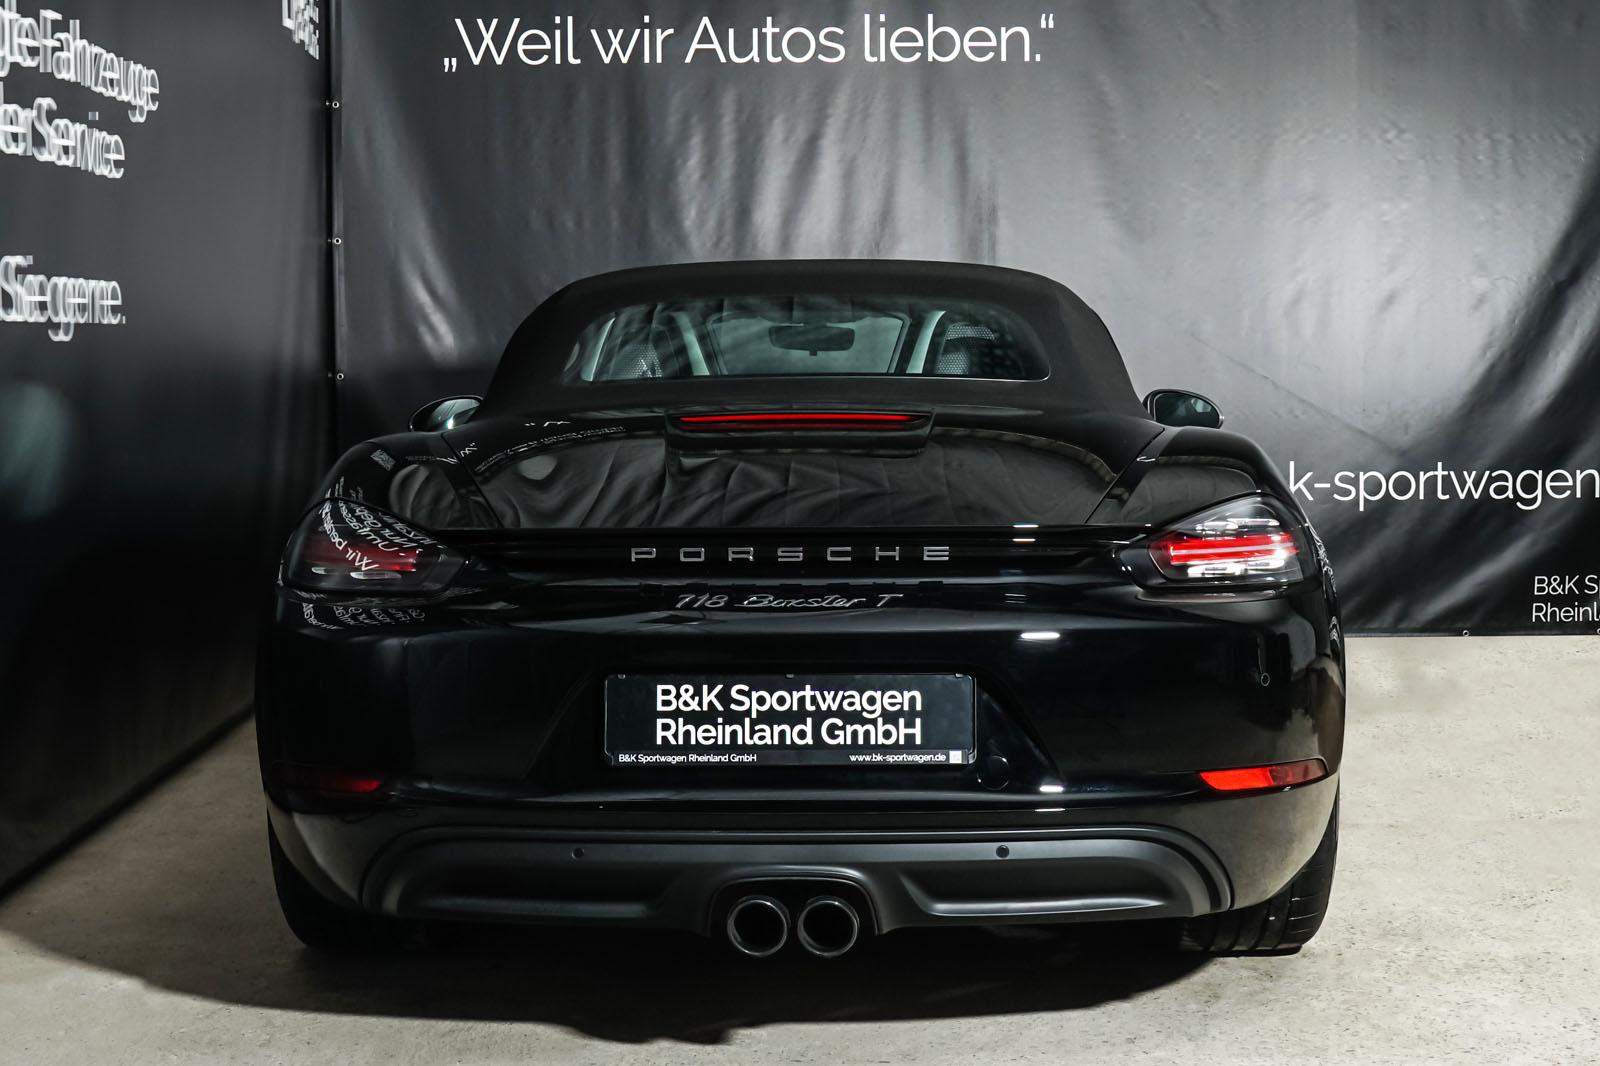 Porsche_718_BoxsterT_Schwarz_Schwarz_POR-1718_27_w